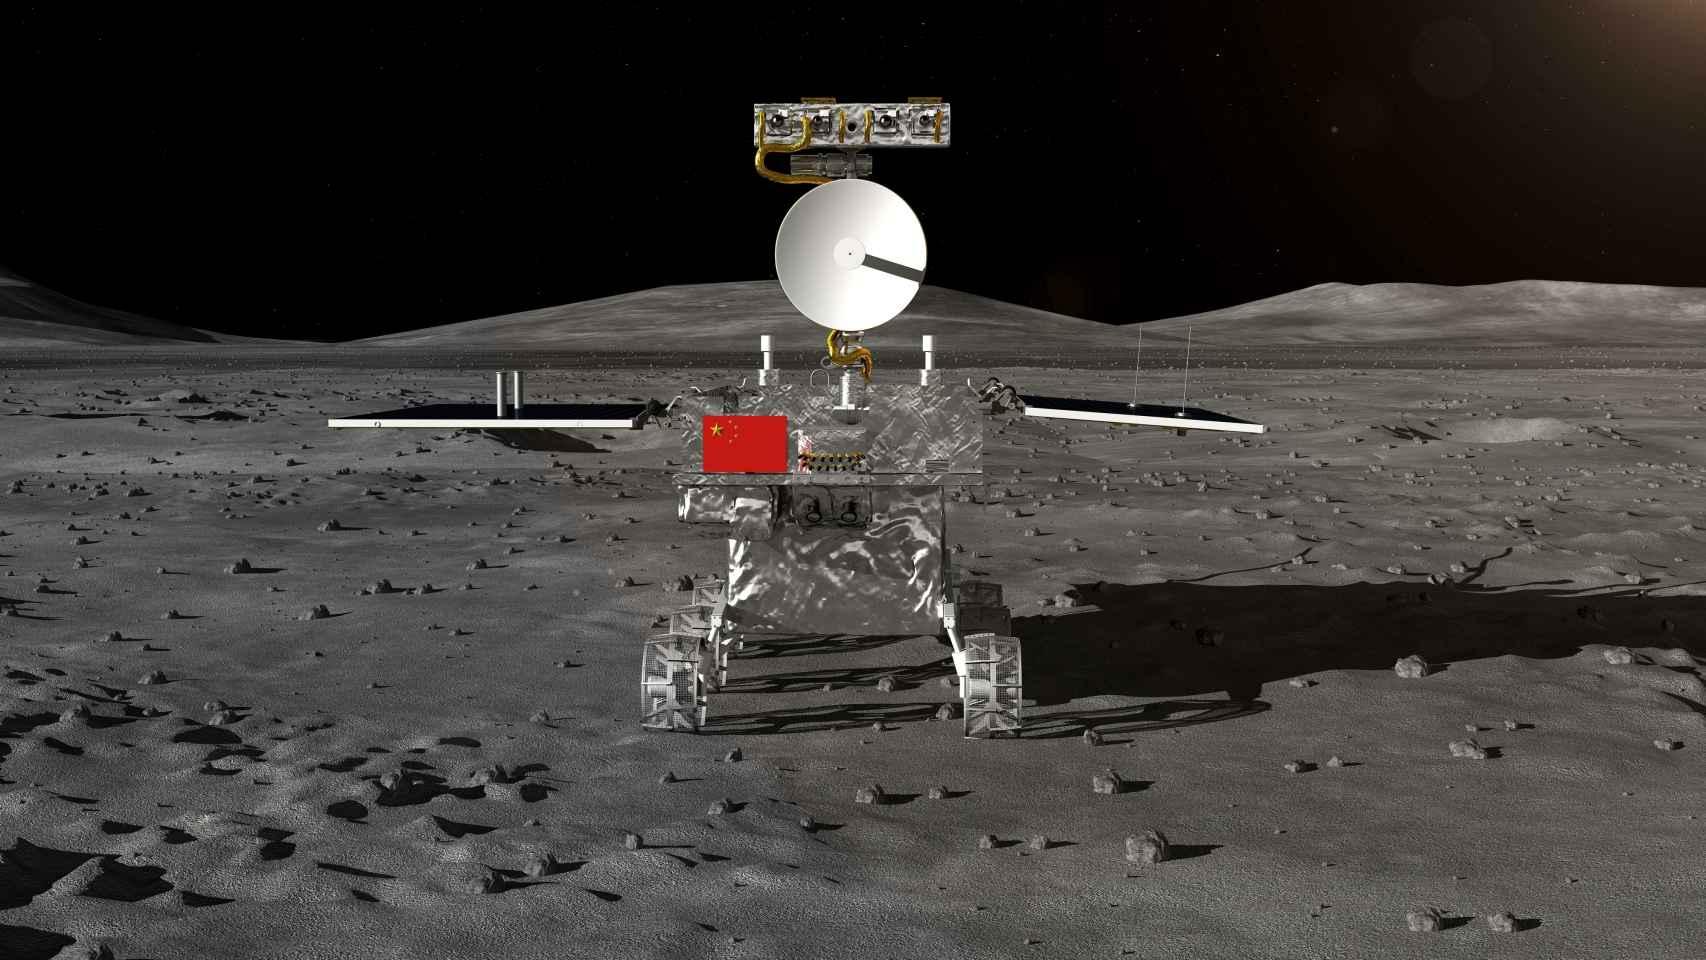 Las mejores imágenes de la cara oculta de la luna tomadas por la sonda Chang'e 4